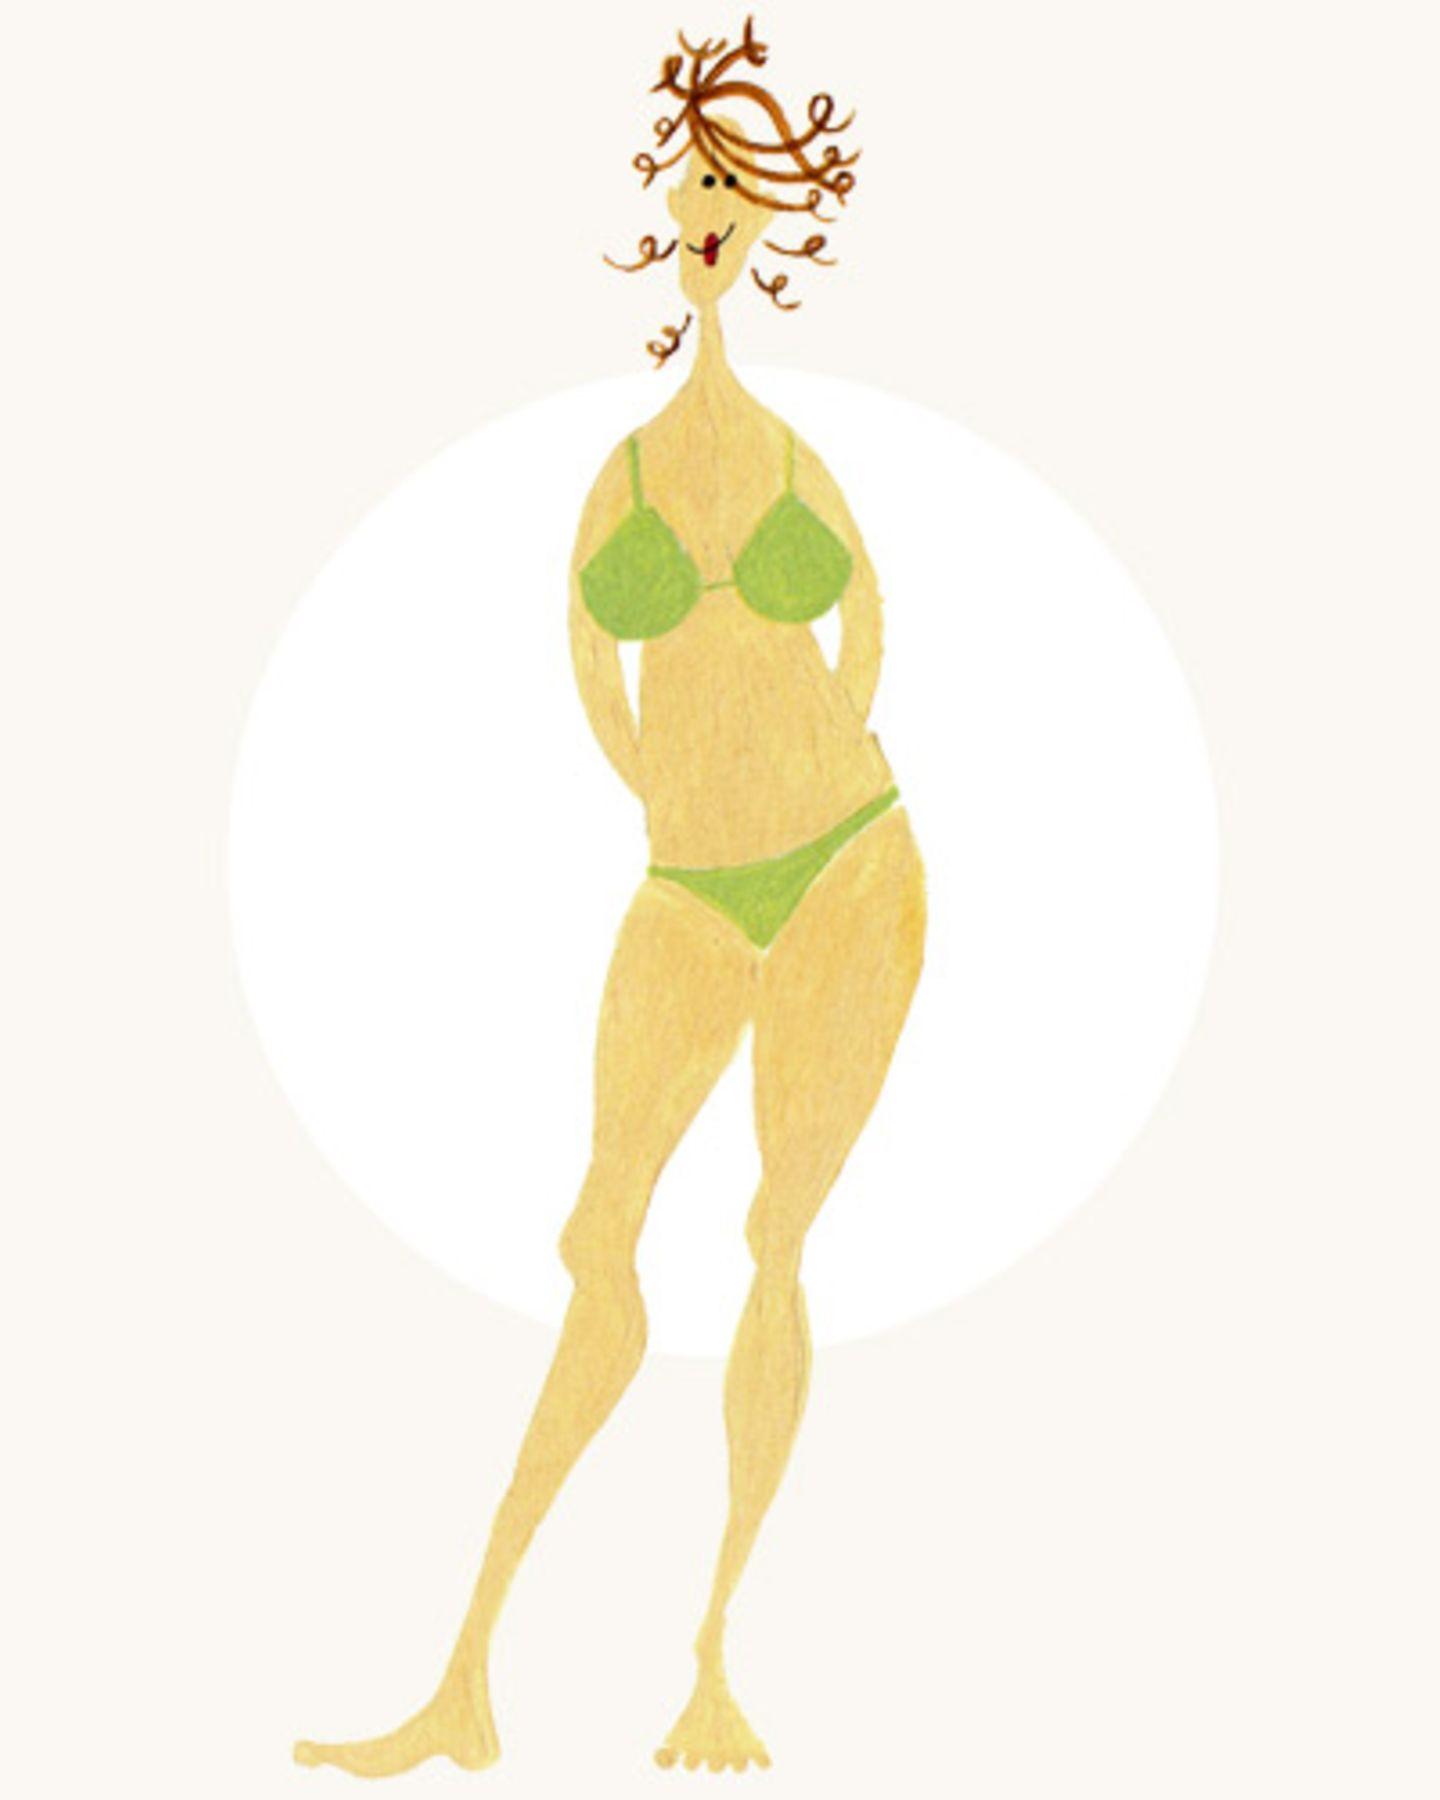 Kleider für jeden Figurtyp: Klein und zierlich